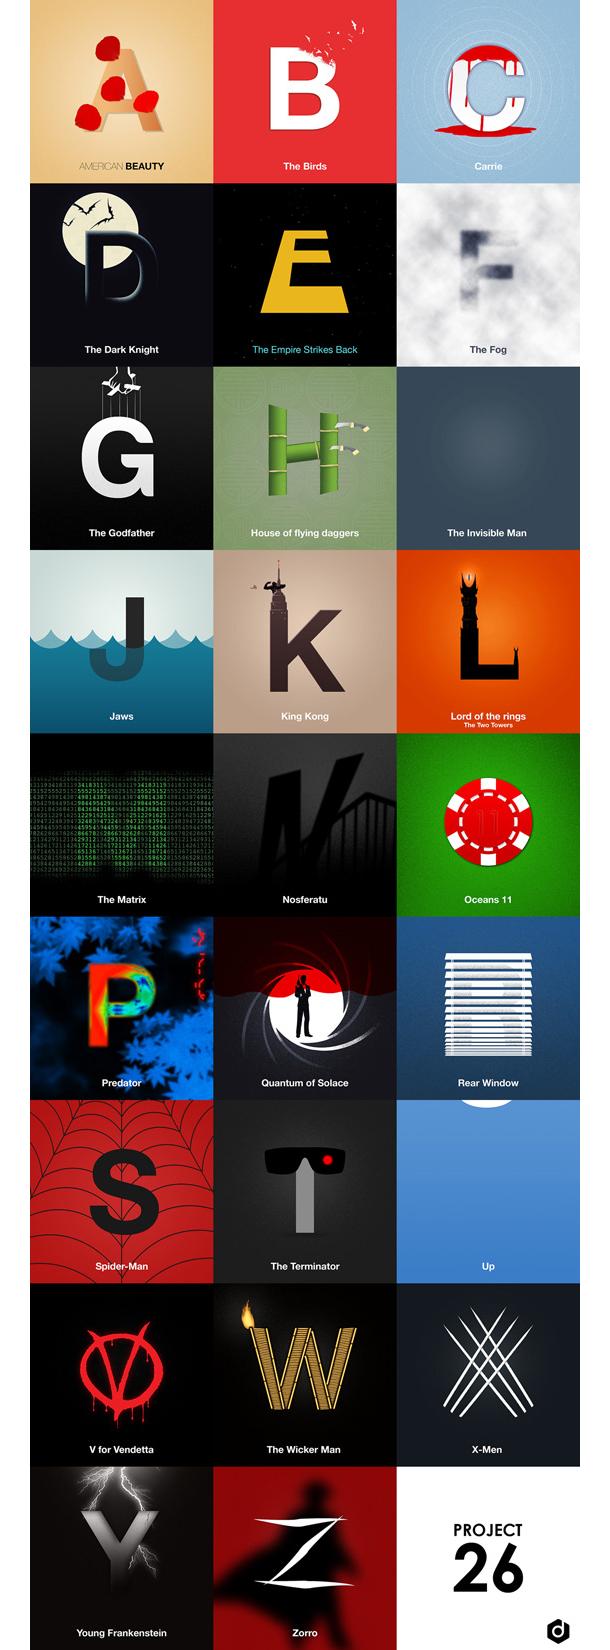 alfabeto-filmes-famosos-1